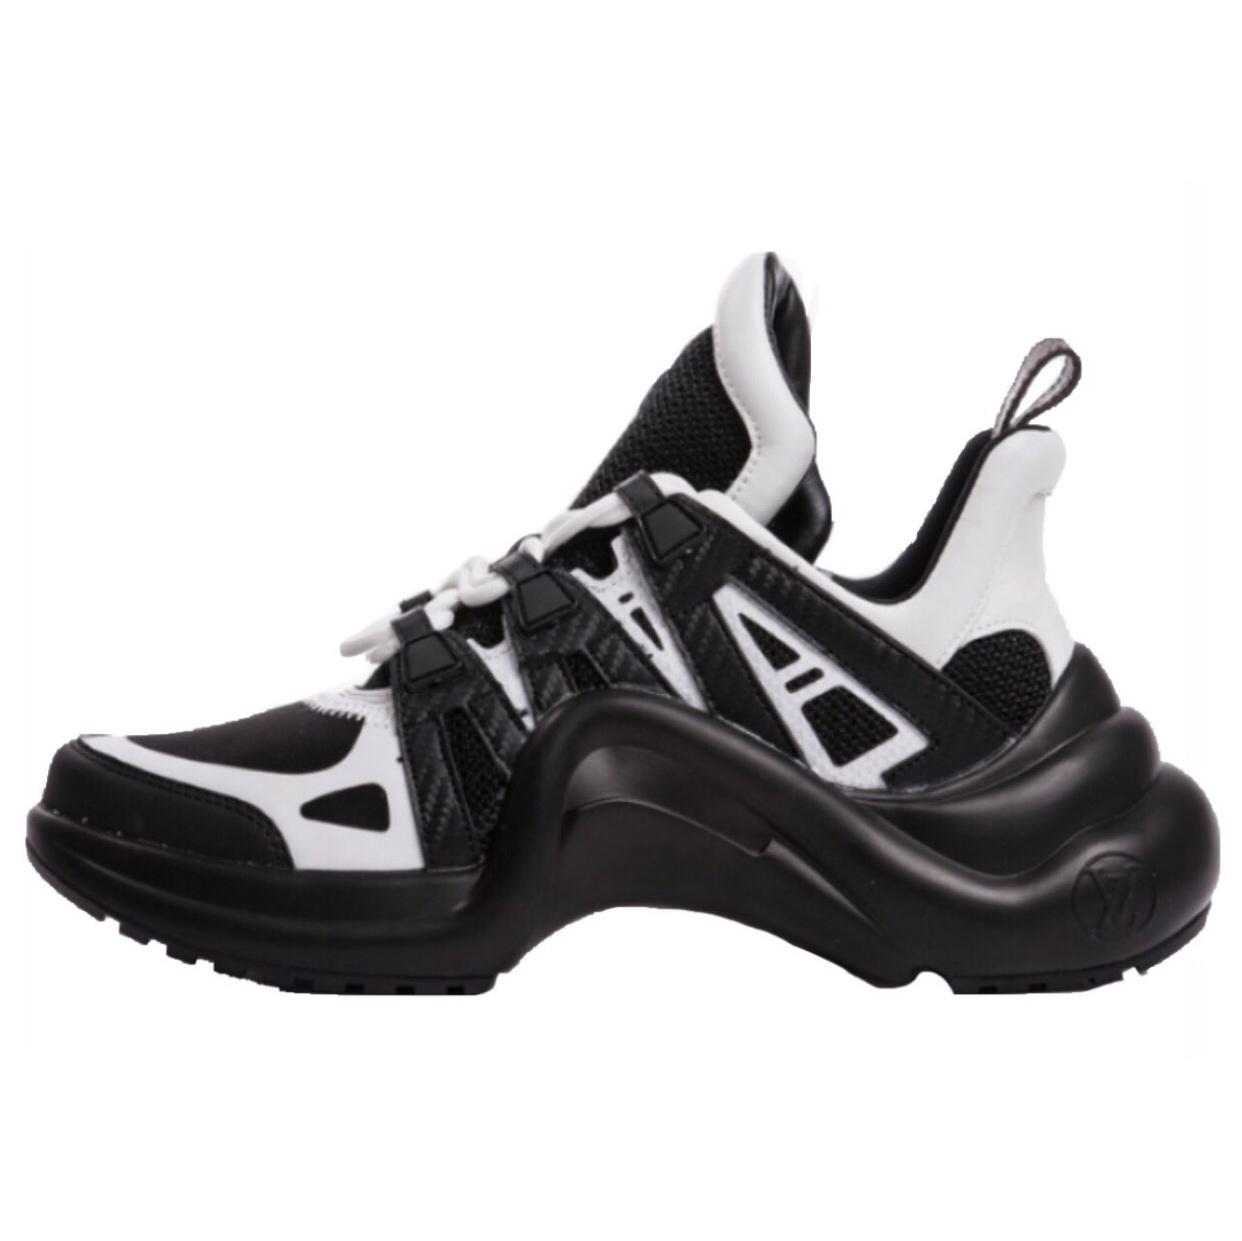 کفش مخصوص پیاده روی زنانه مدل آرچ لایت کد ۰۲۰